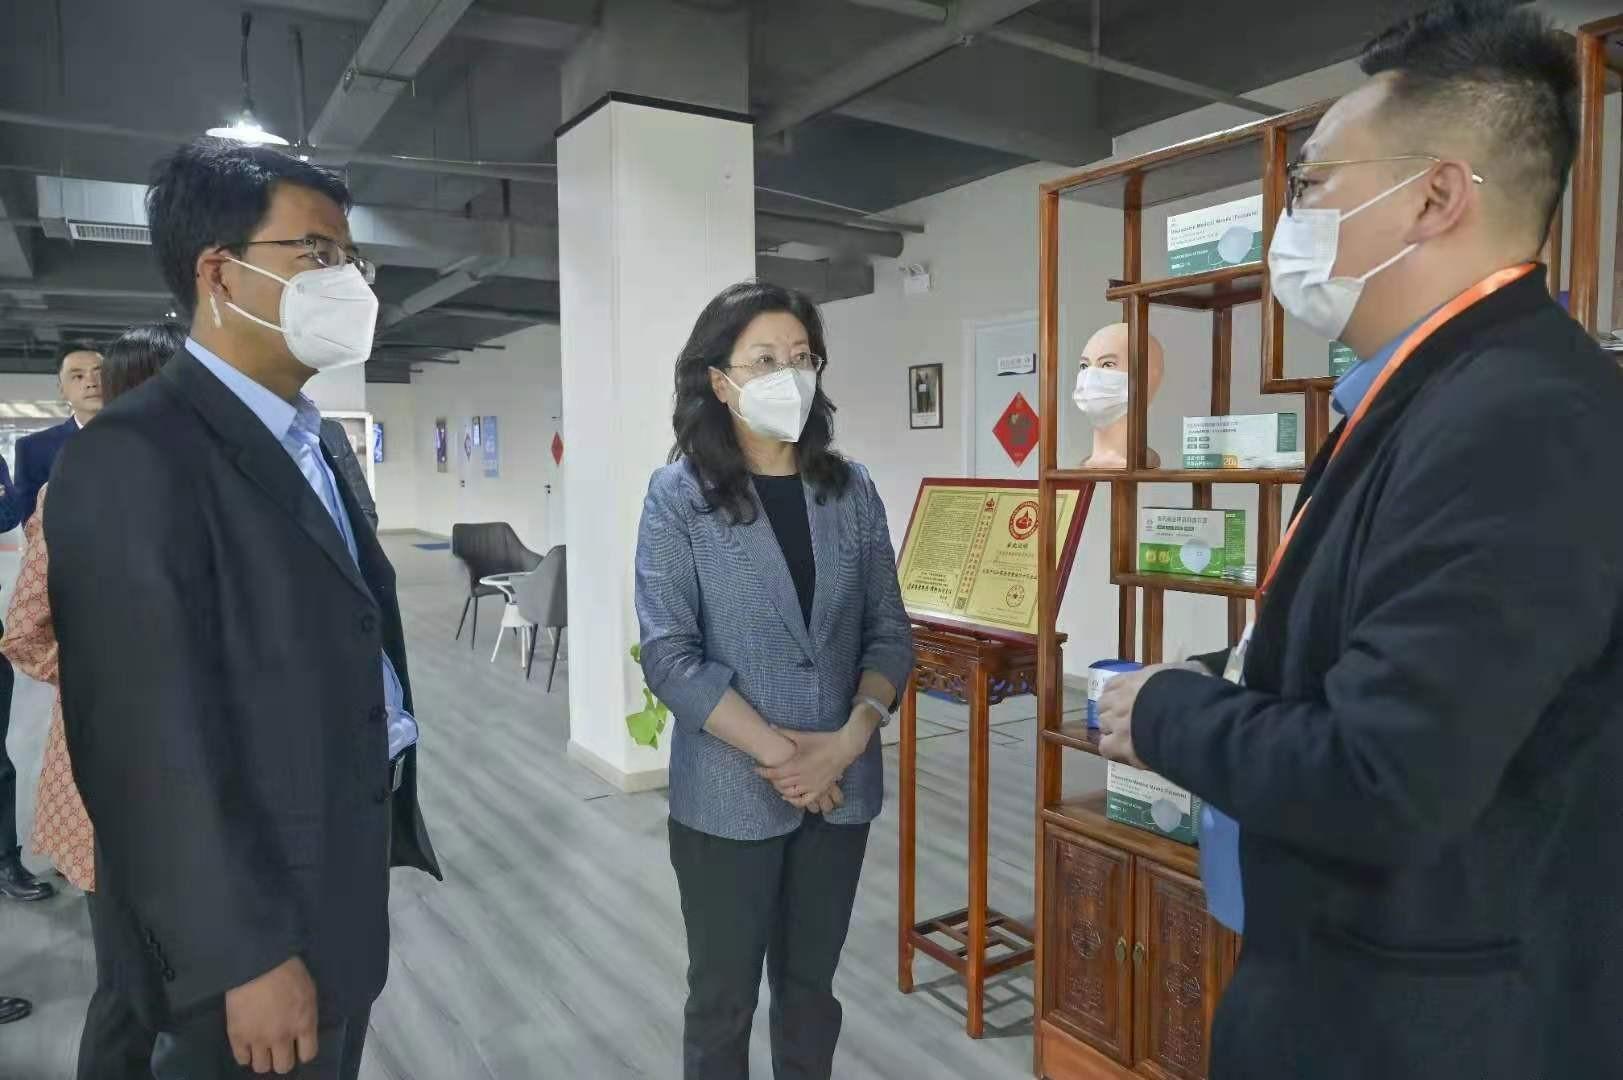 新疆兵团投资集团党委书记、董事长陈一滔一行考察盒子健康